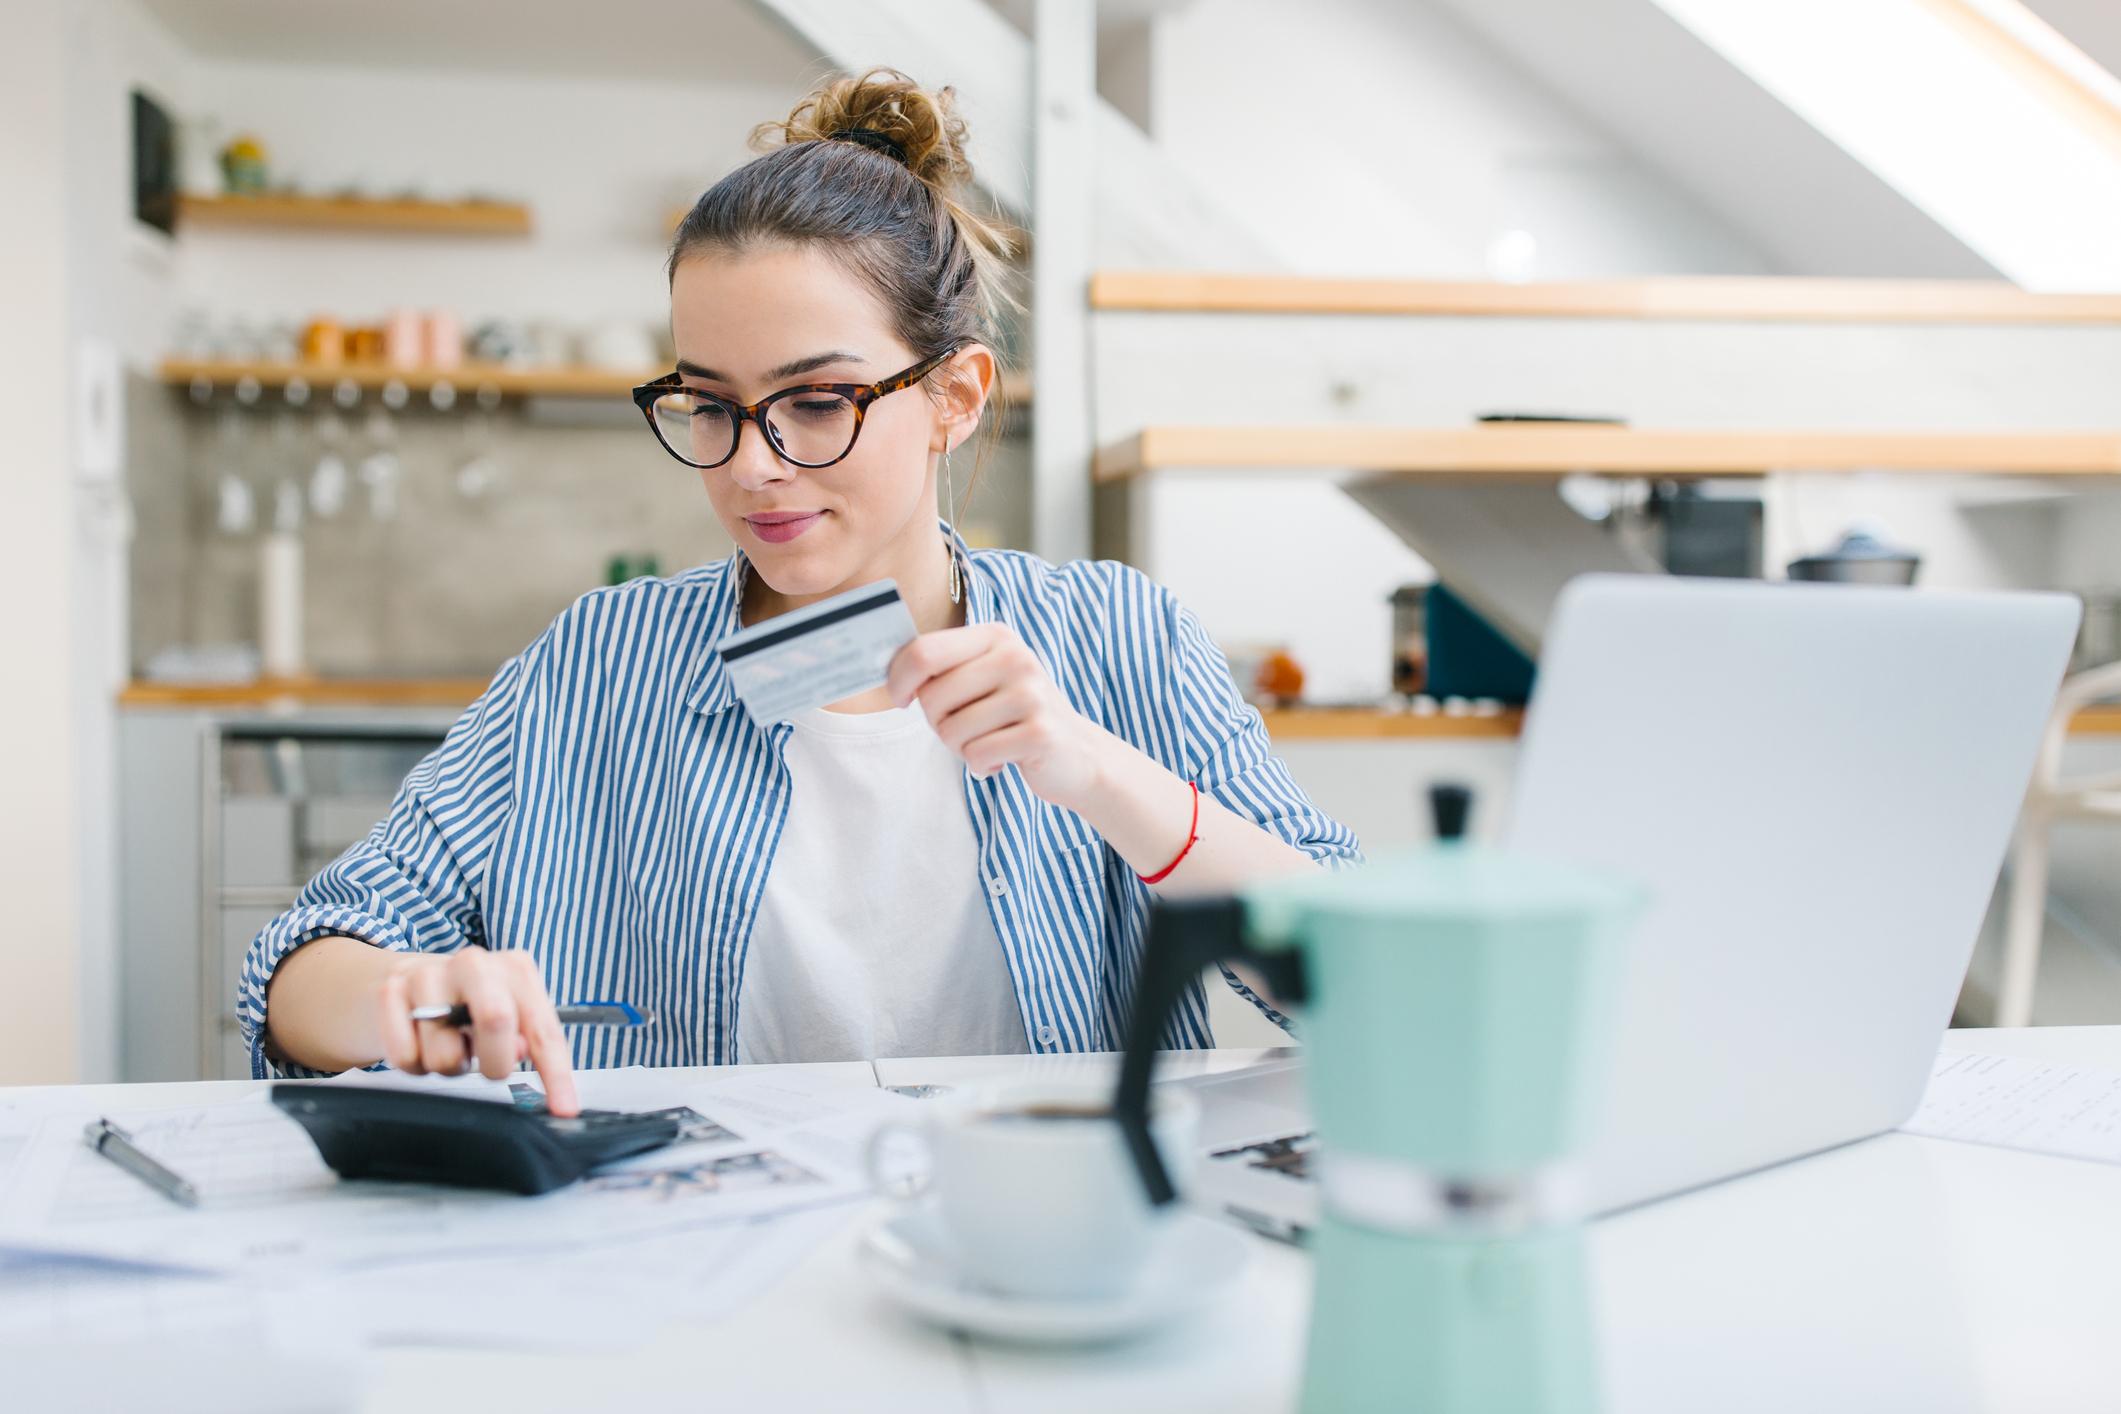 Fomento de la inclusión financiera digital de los jóvenes